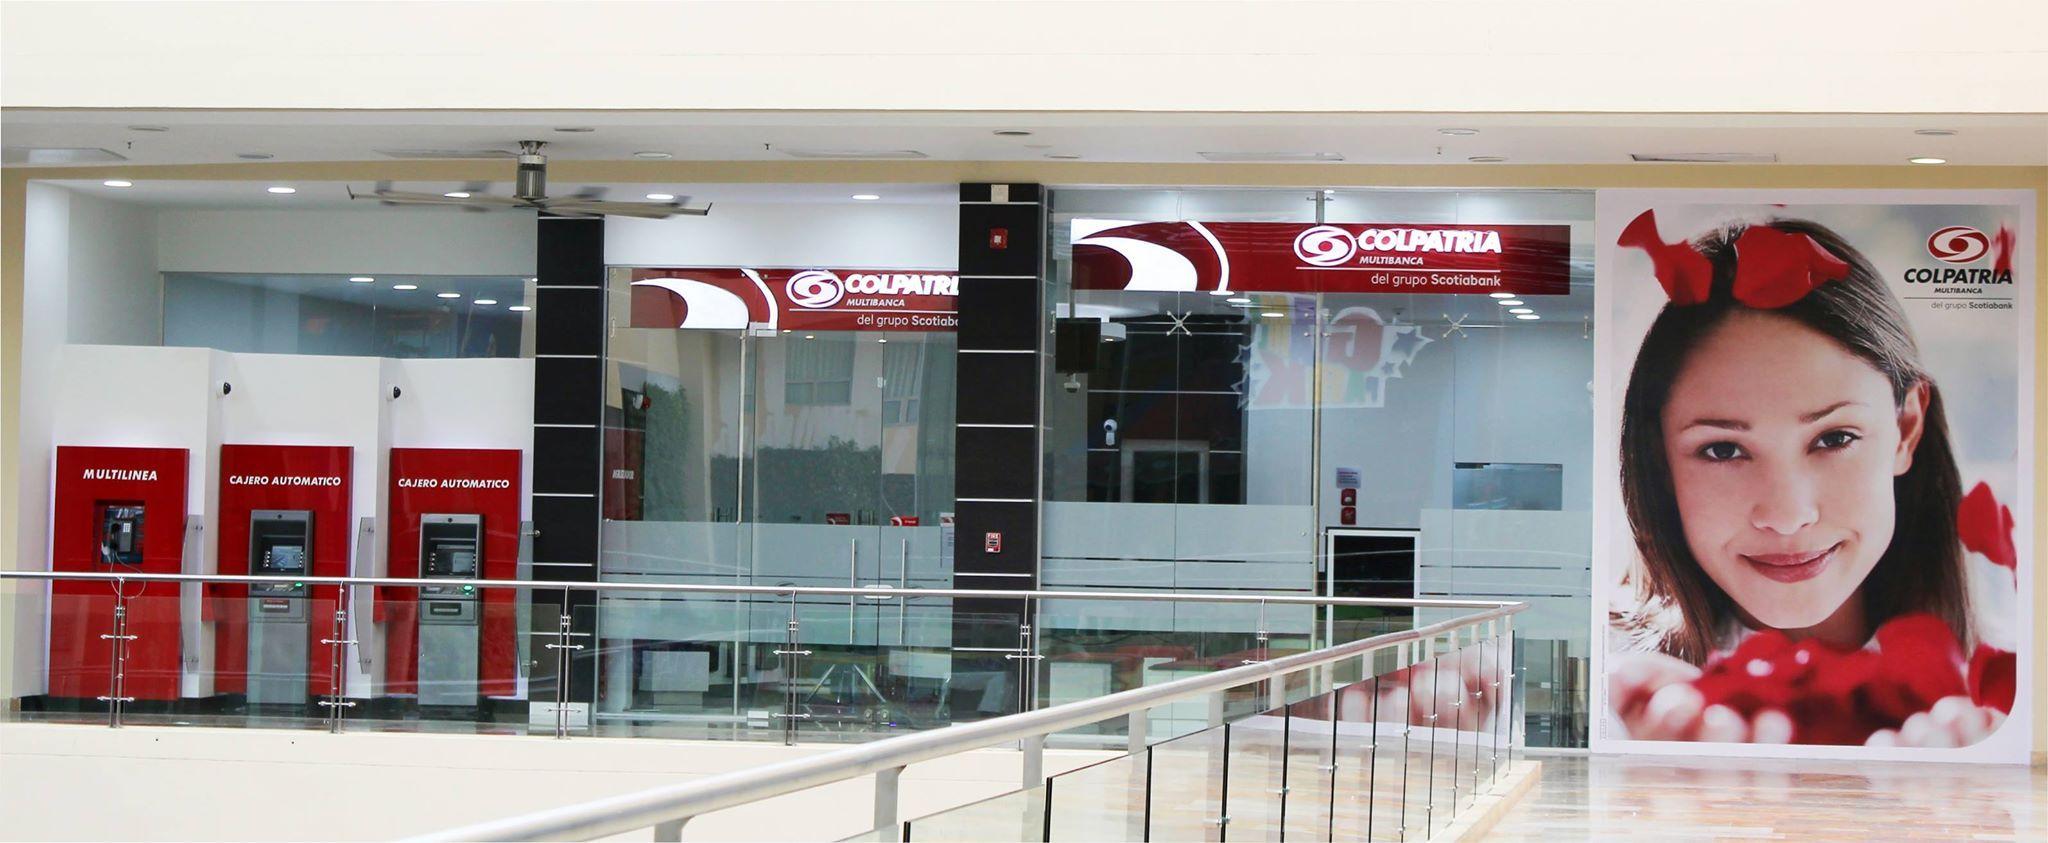 Banco #Colpatria te invita a conocer su nueva oficina ubicada en el local 212-213 en #Alamedas Centro Comercial #SiempreContigo